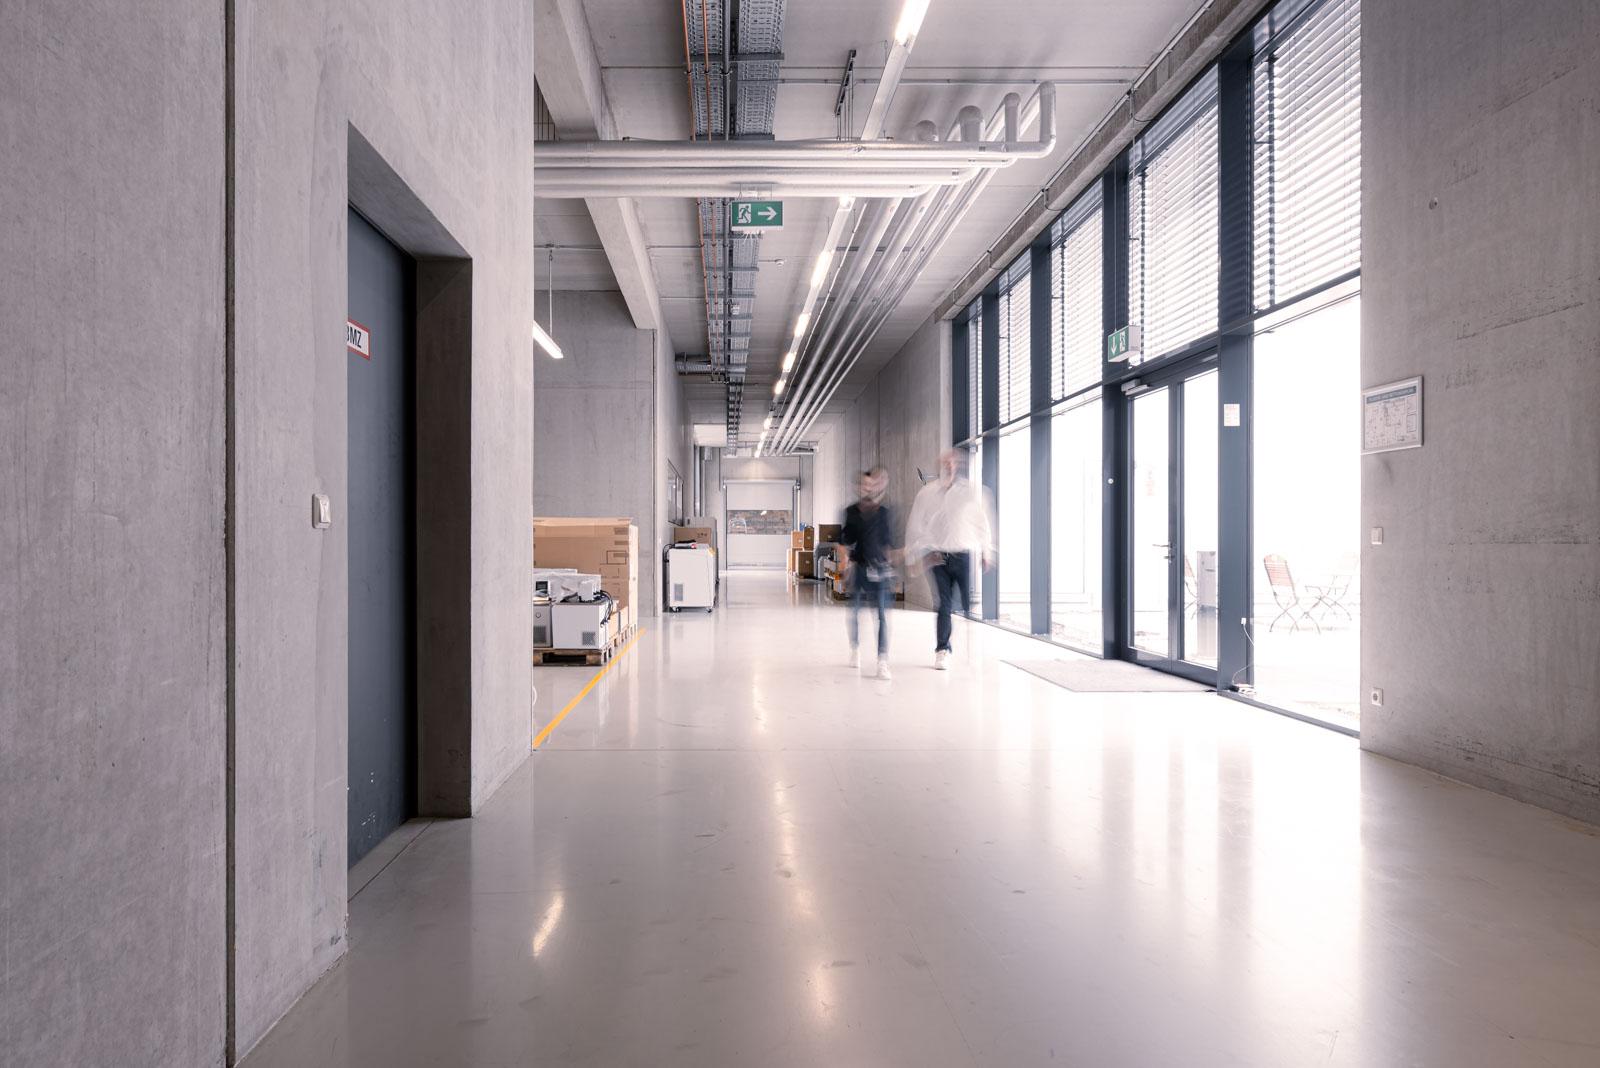 Firma Lauda - Verbindungsbau und Produktionshalle